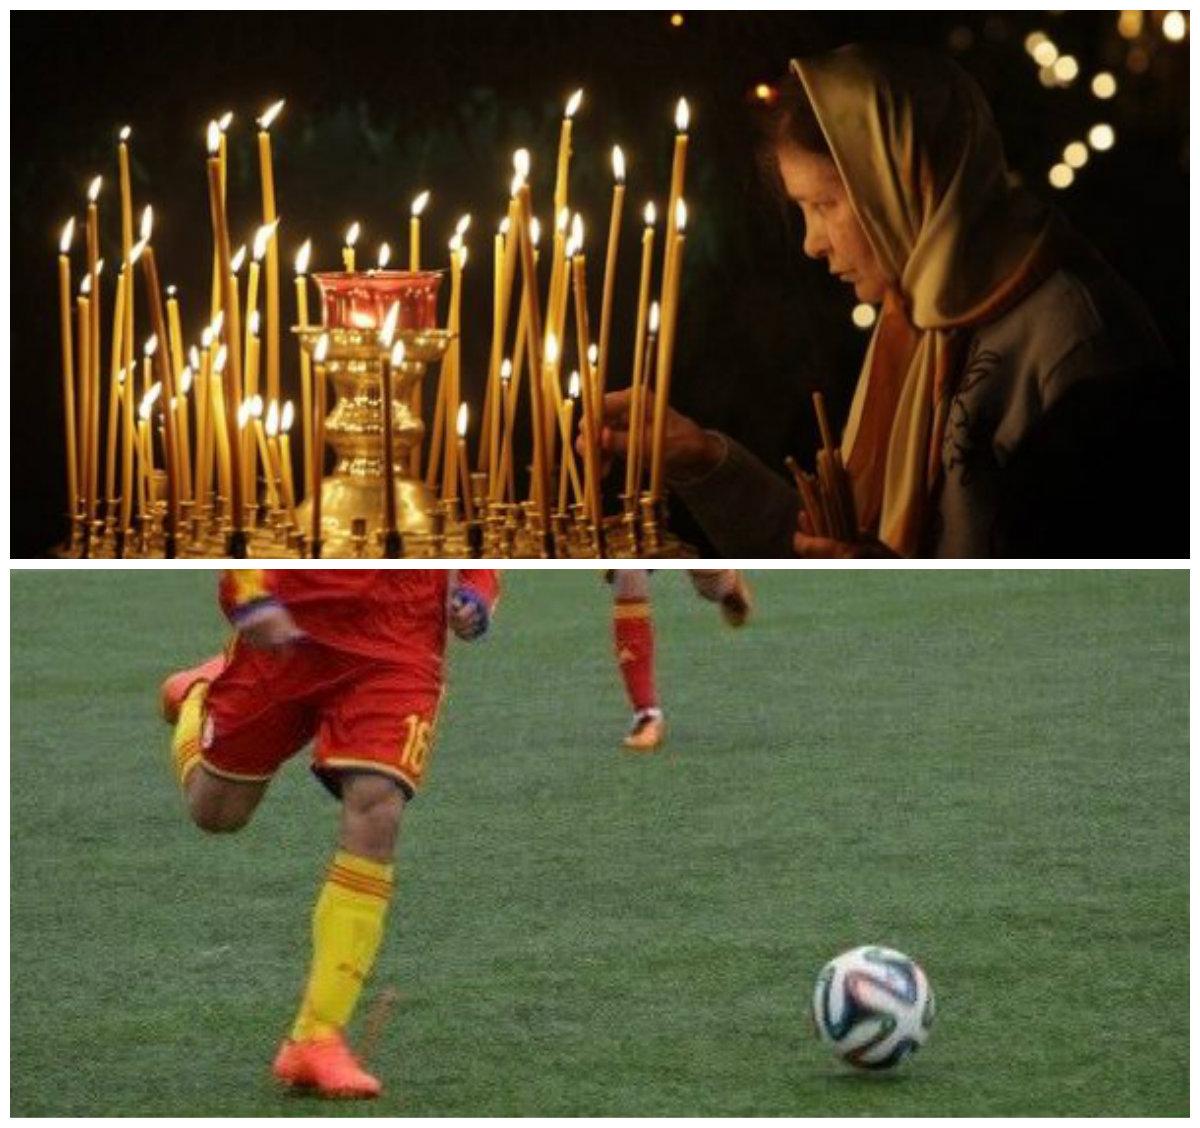 Doliu în fotbalul românesc! A MURIT PETRE! Curg lacrimi amare pentru fostul mijlocaș al echipei naționale! Vestea a picat ca un trăsnet pentru suporteri!